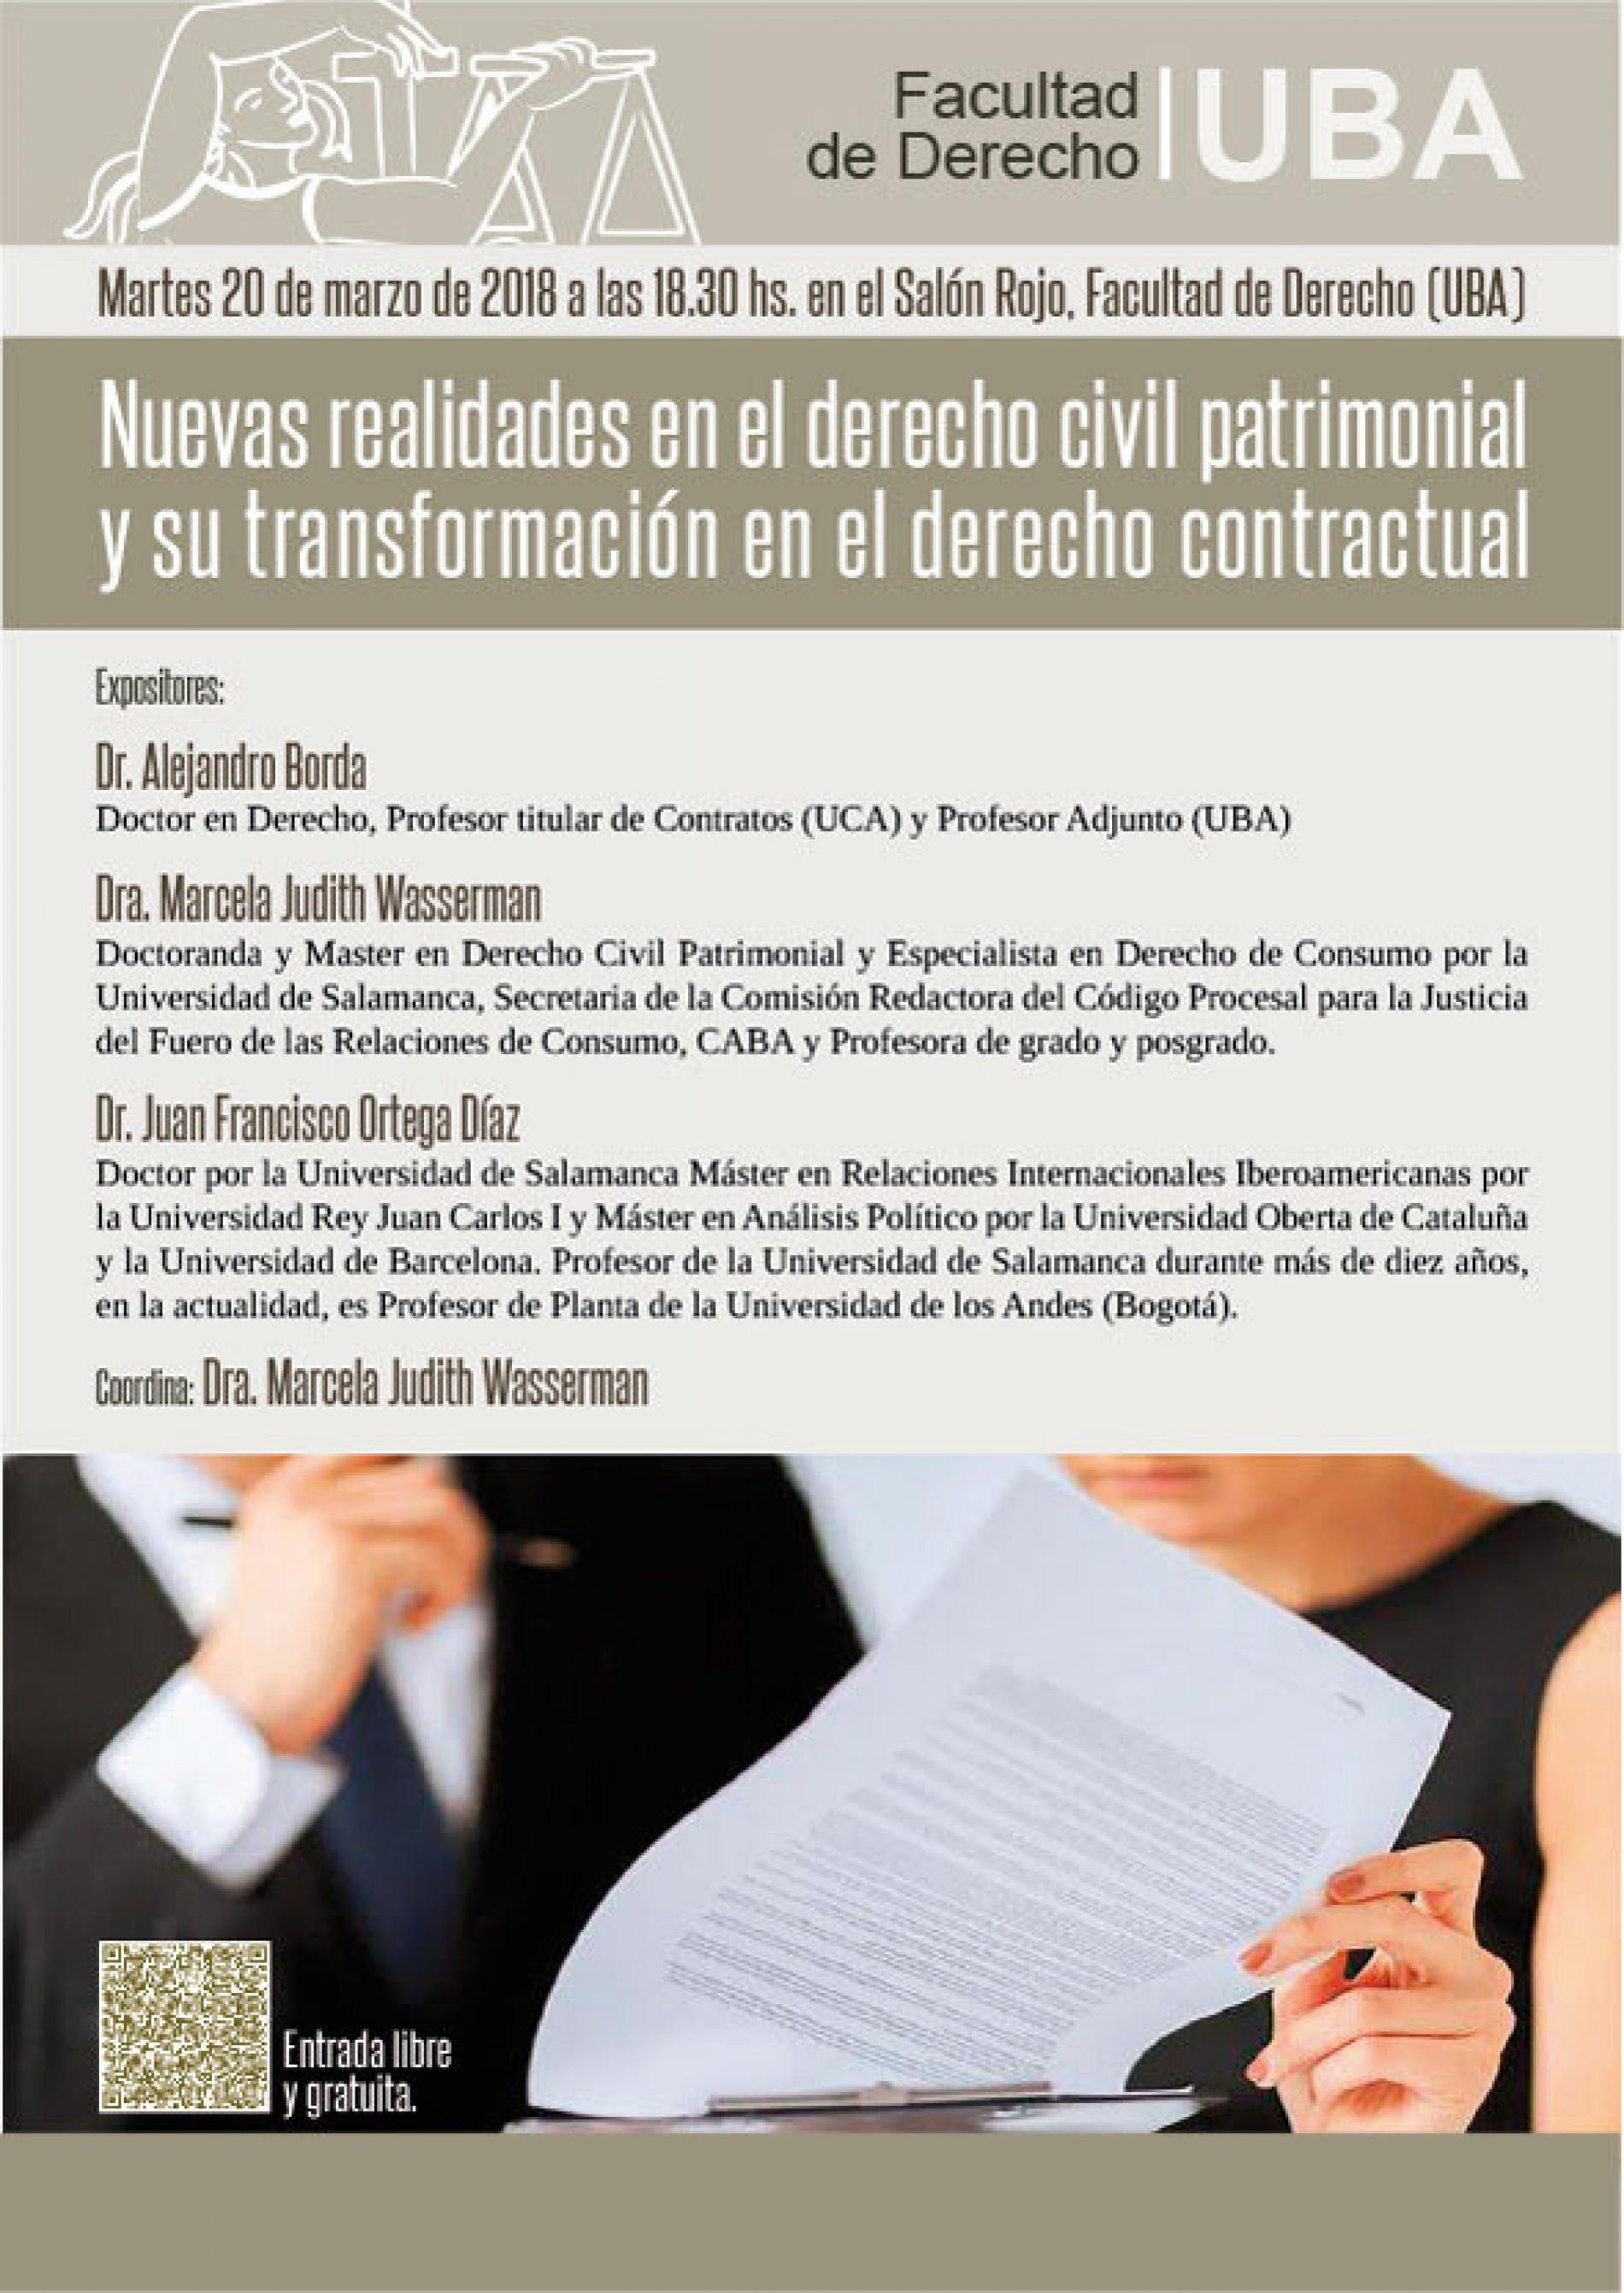 Nuevas realidades en el derecho civil patrimonial y su transformación en el derecho contractual